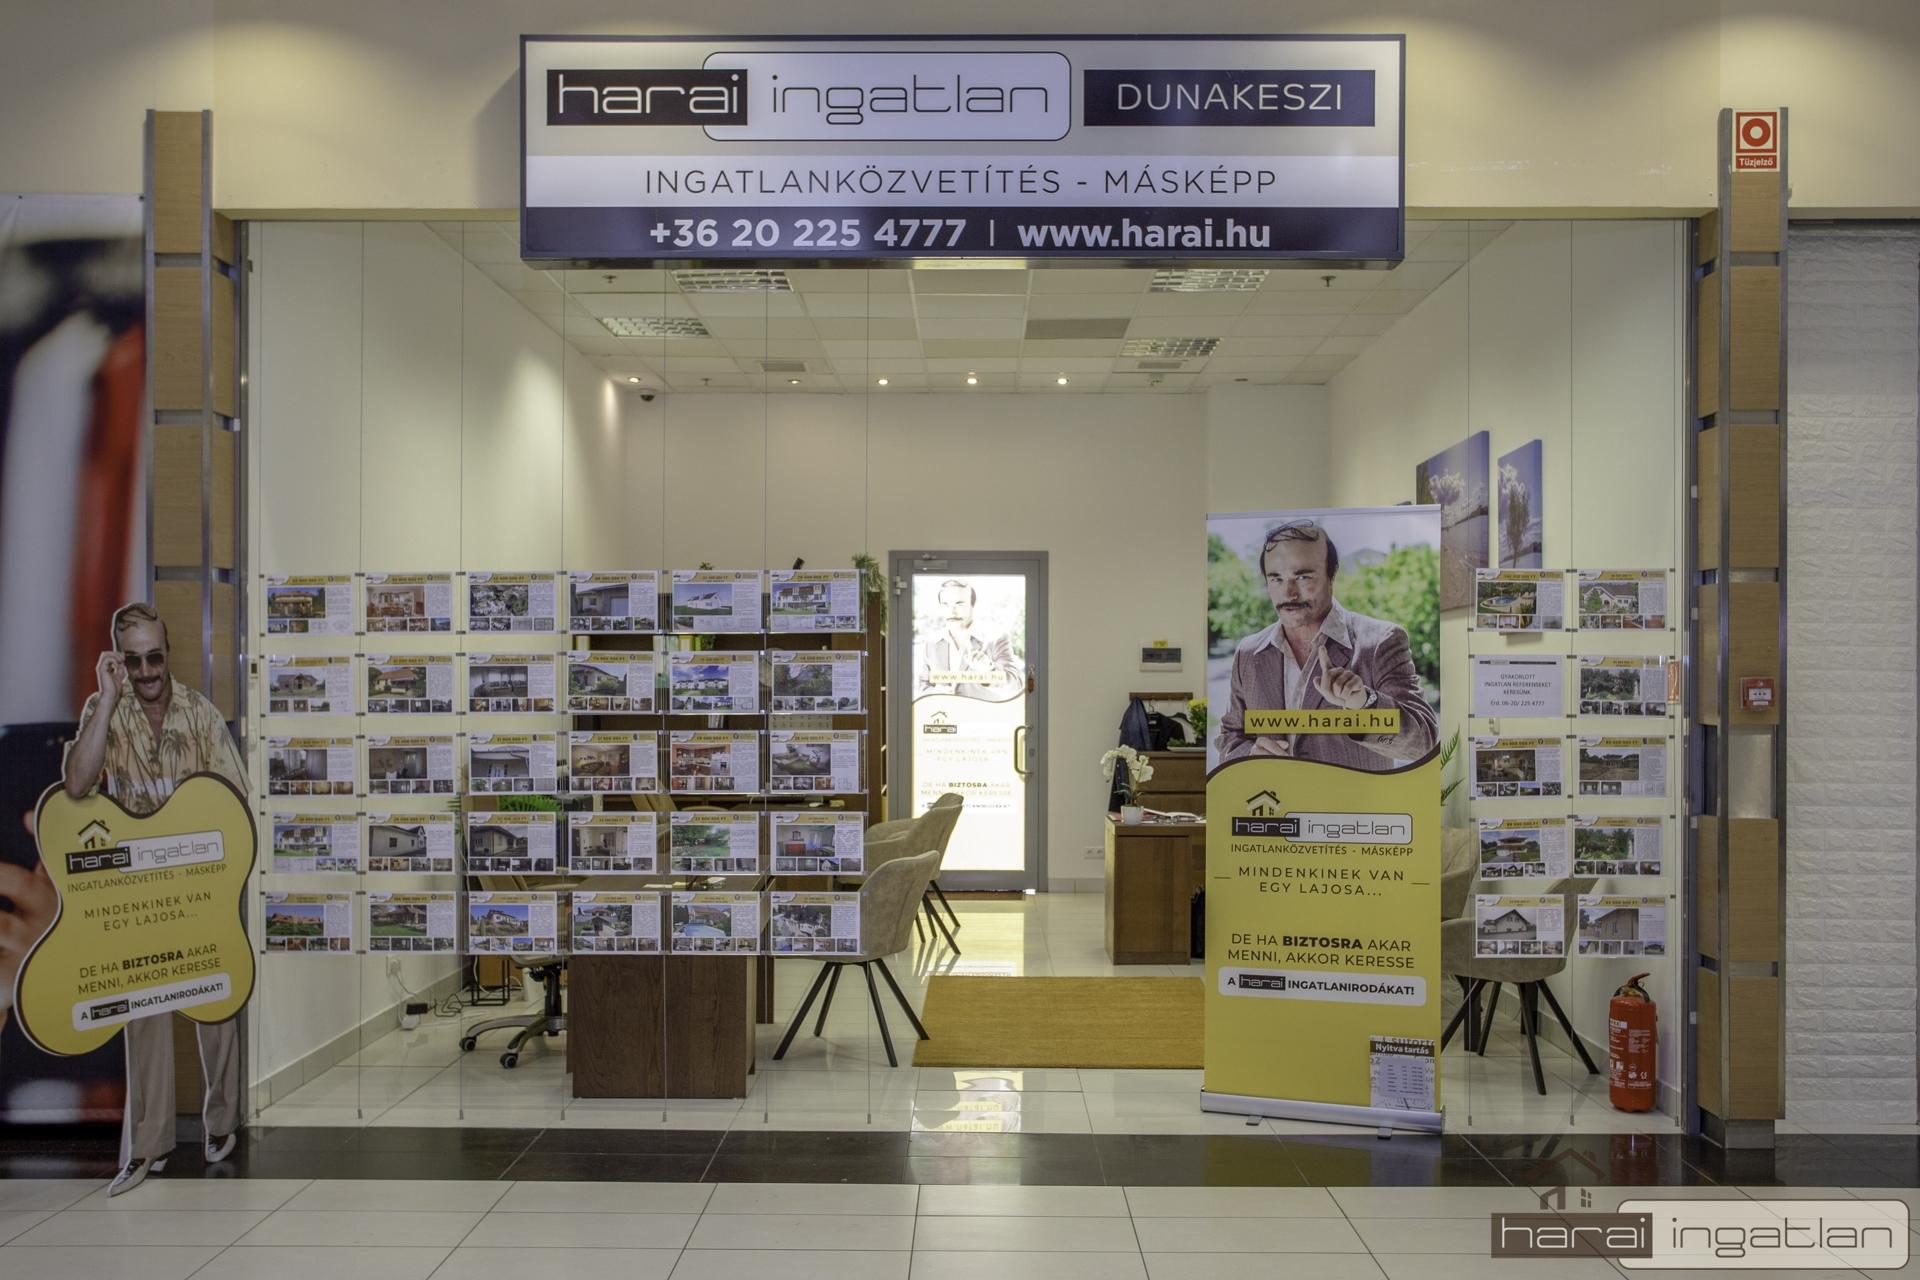 Május 5-től új helyre költözik dunakeszi irodánk